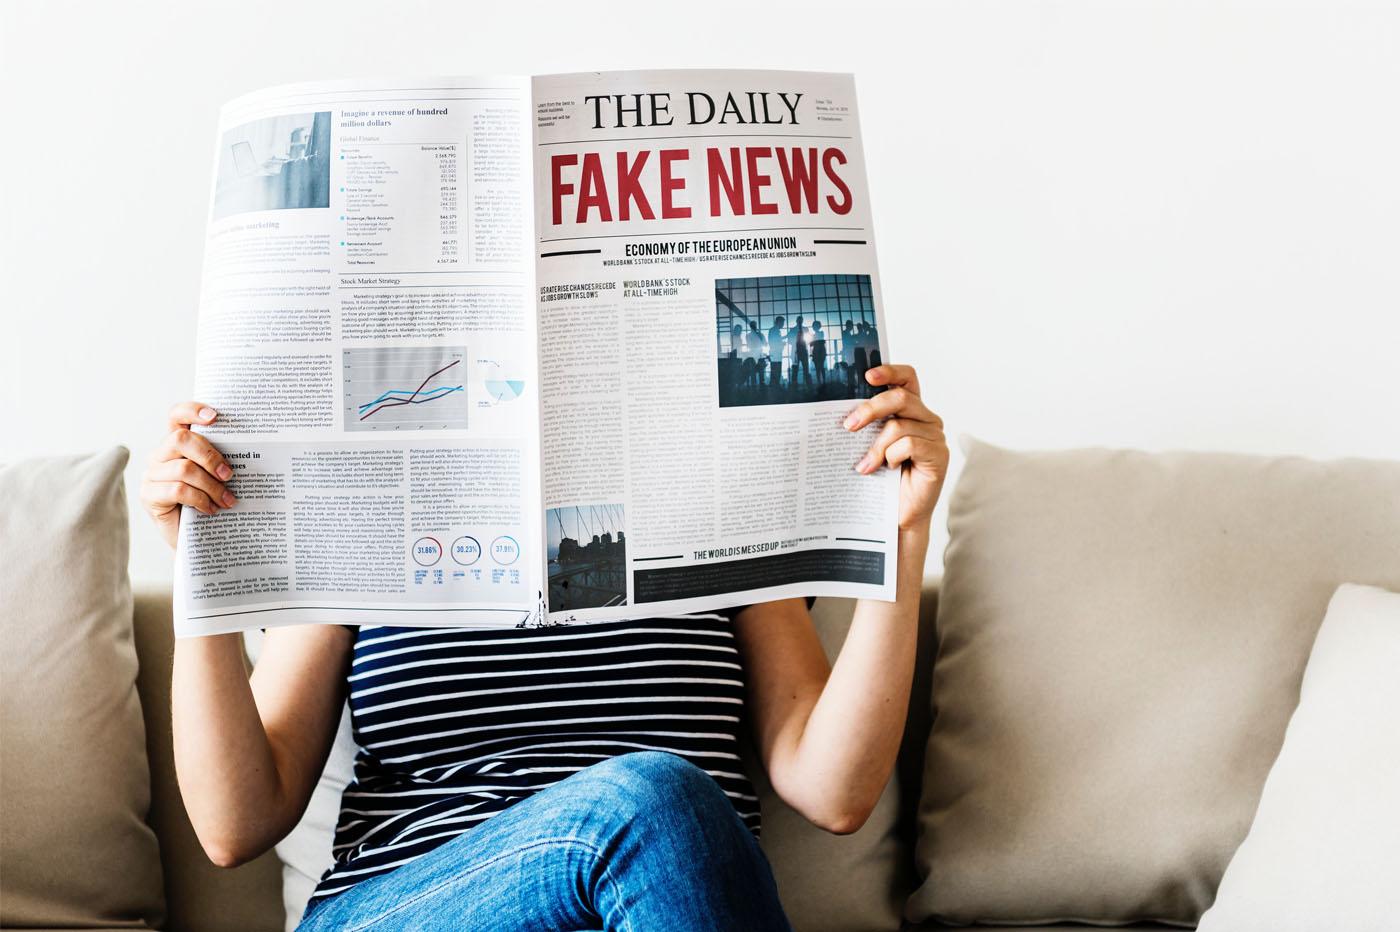 Une étude a tenté de comprendre pourquoi les gens partagent autant des fausses nouvelles